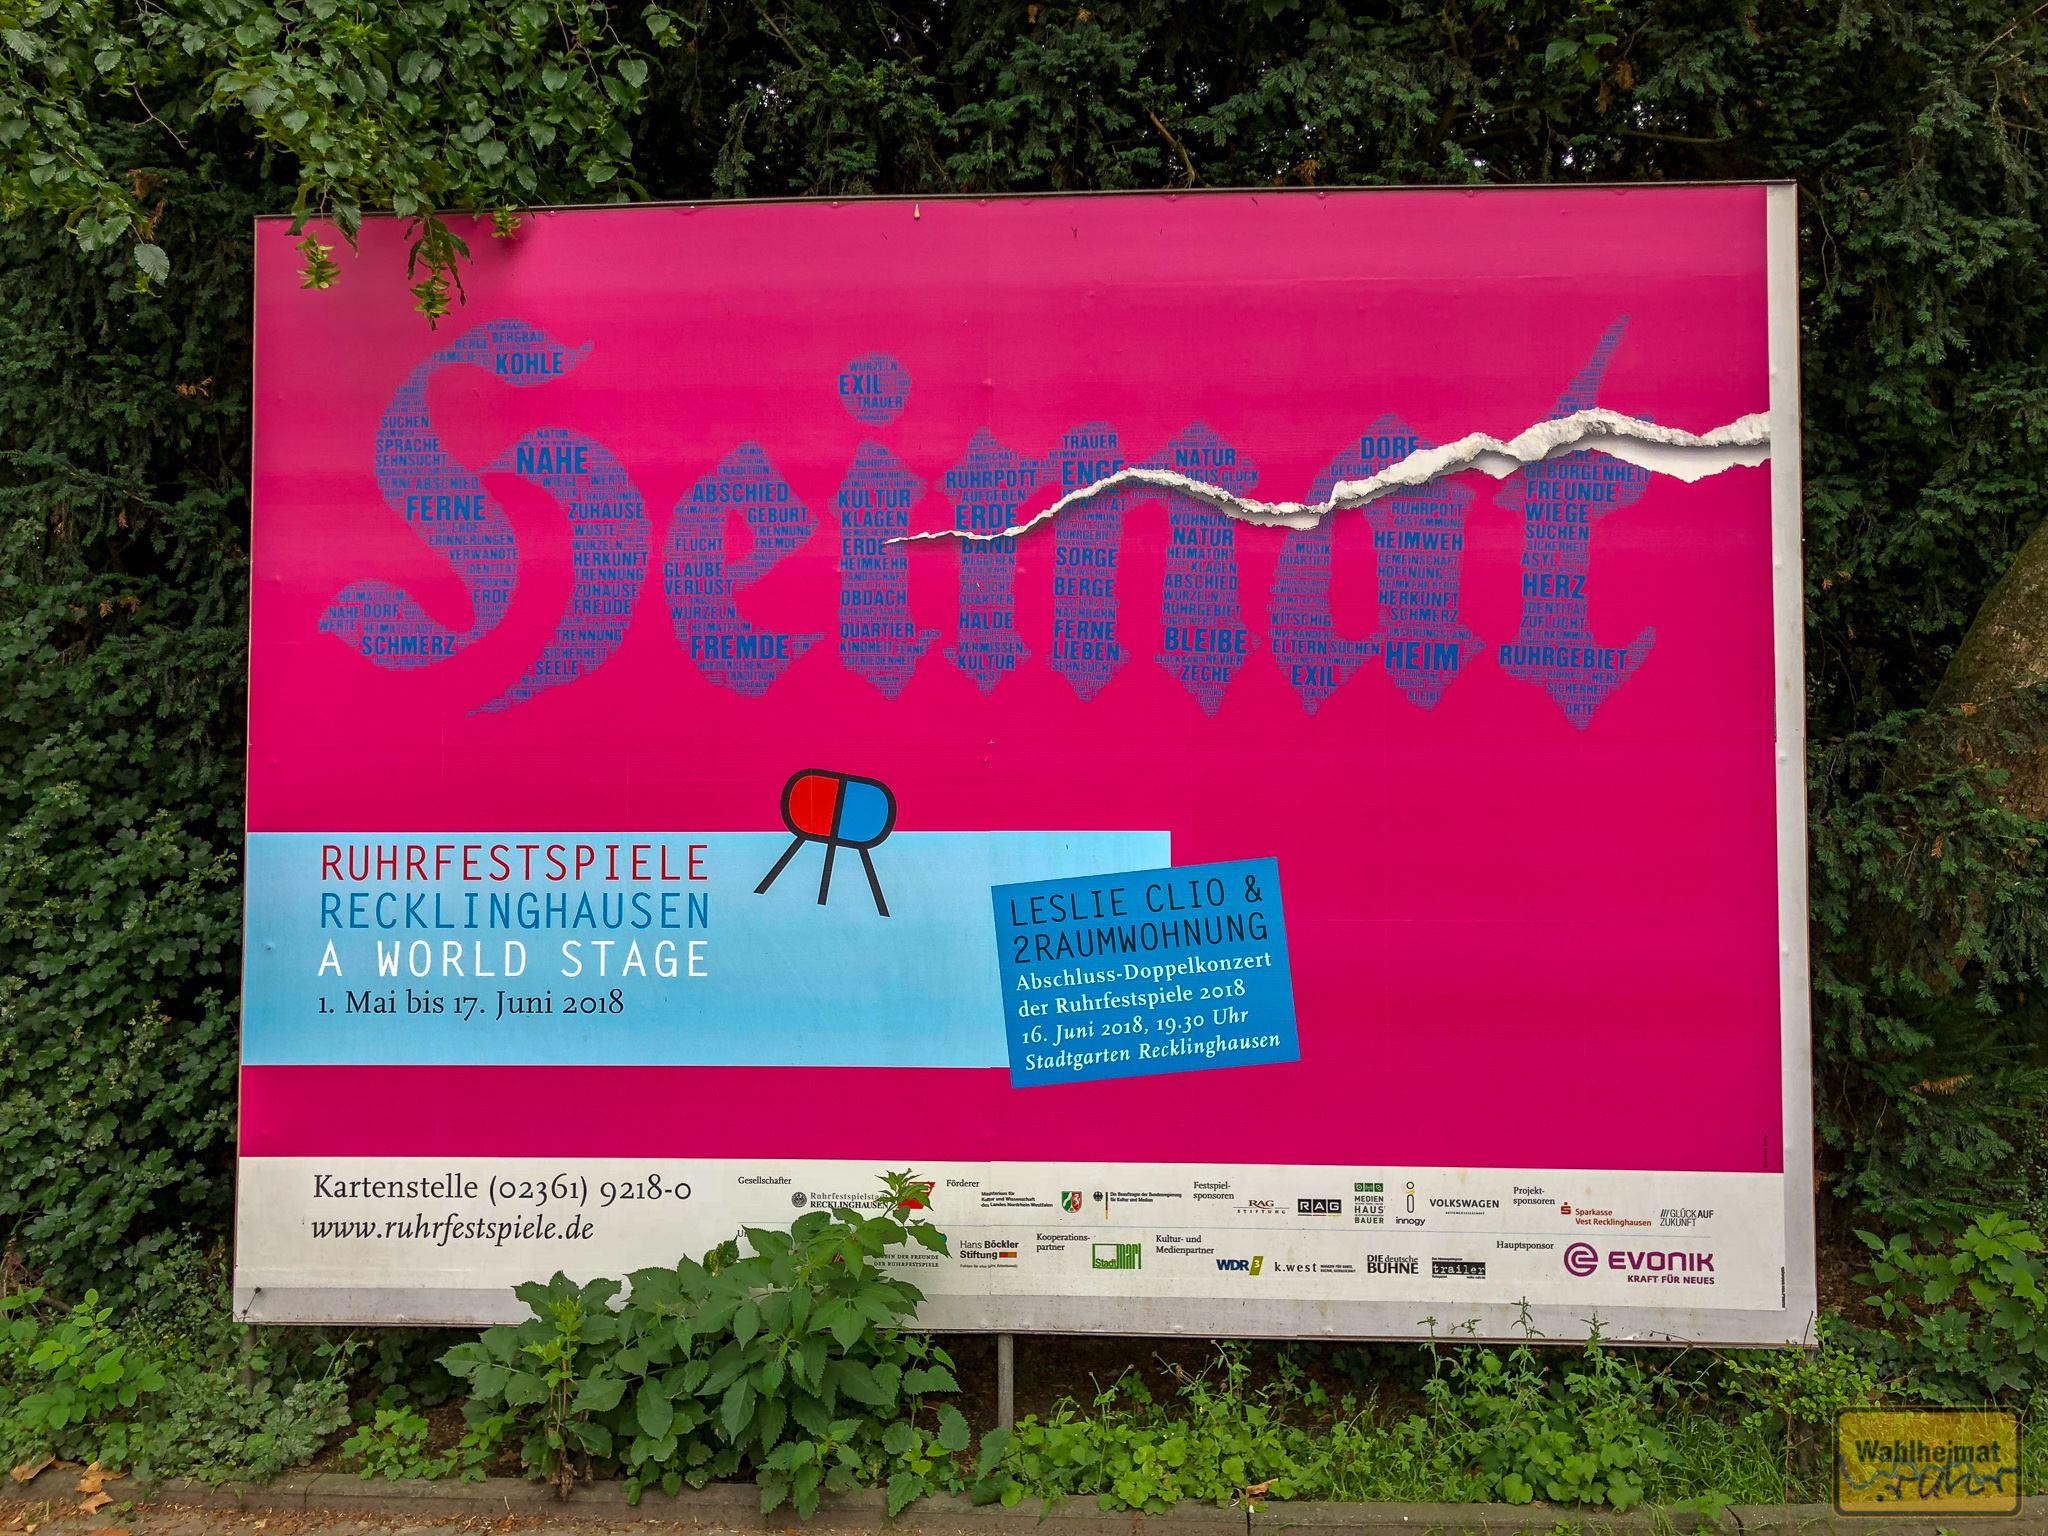 Heimat. Das ist das Motto der Ruhrfestspiele 2018, die seit 72 Jahren in Recklinghausen beheimatet sind.